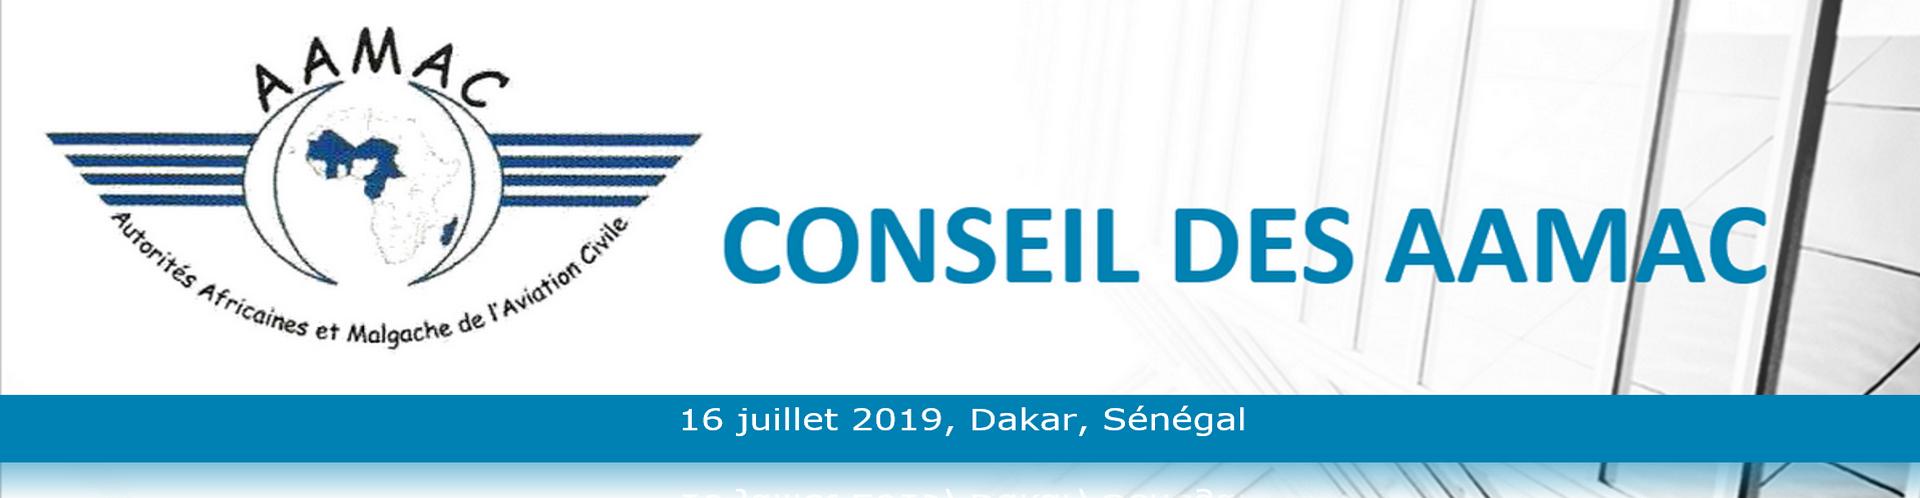 2019-AAMAC-Conseil-16Juillet-Dkr